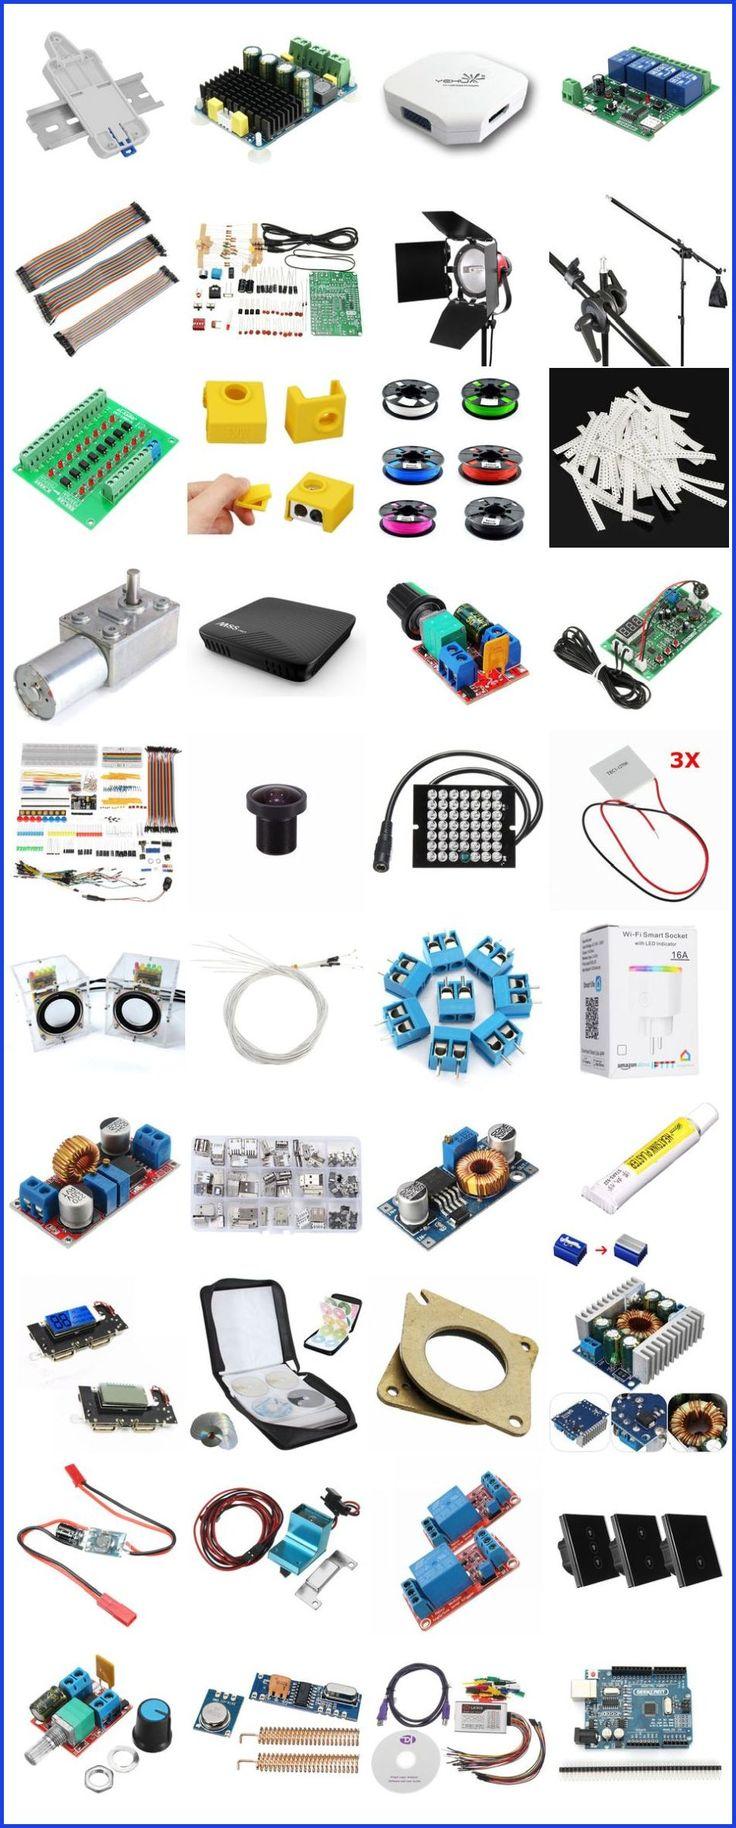 Eine breite Palette elektronischer Produkte bei Banggood USA #hobby #electronics #raspberryp … – Tech